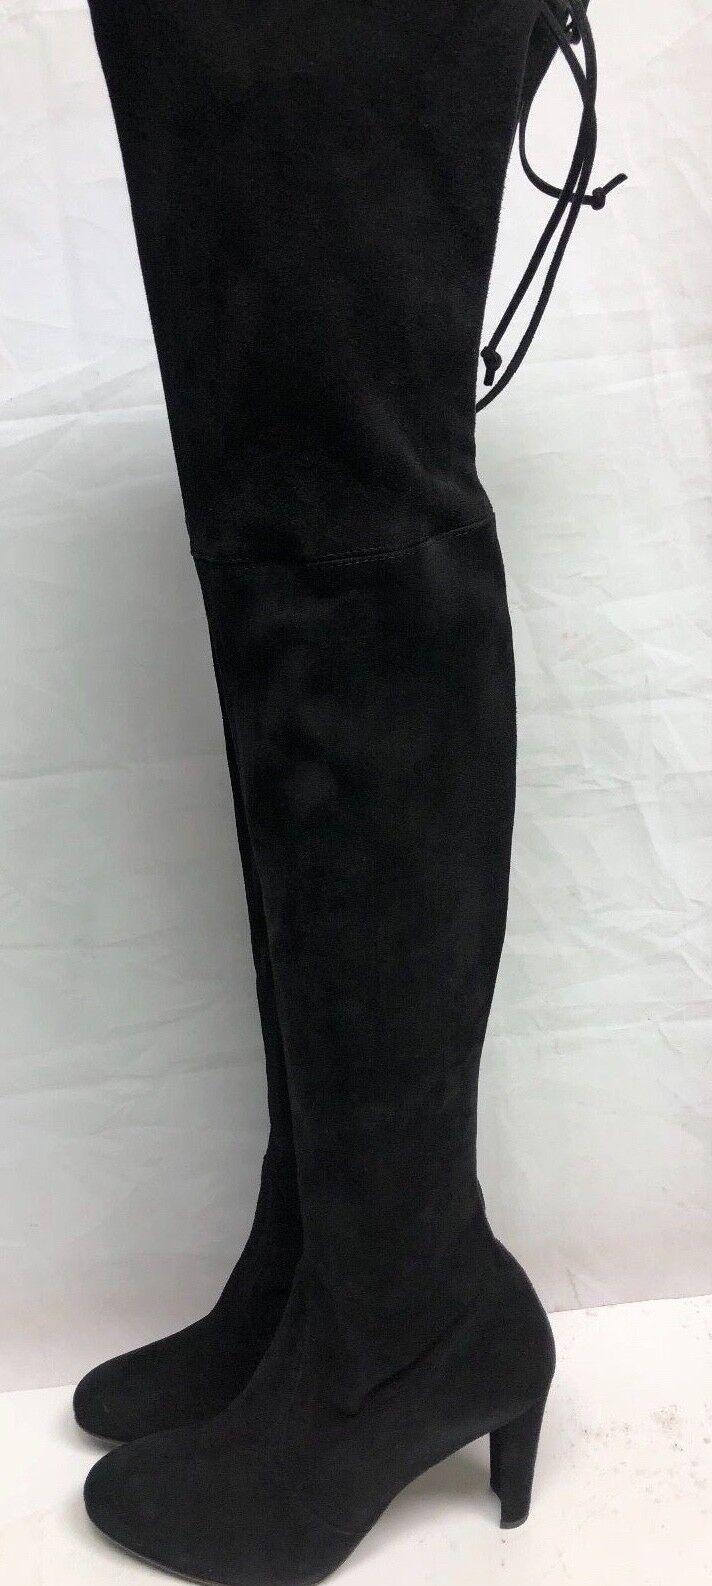 spedizione gratuita in tutto il mondo Stuart Weitzman nero Stretchy Suede Thigh Thigh Thigh high stivali 8 M  all'ingrosso economico e di alta qualità